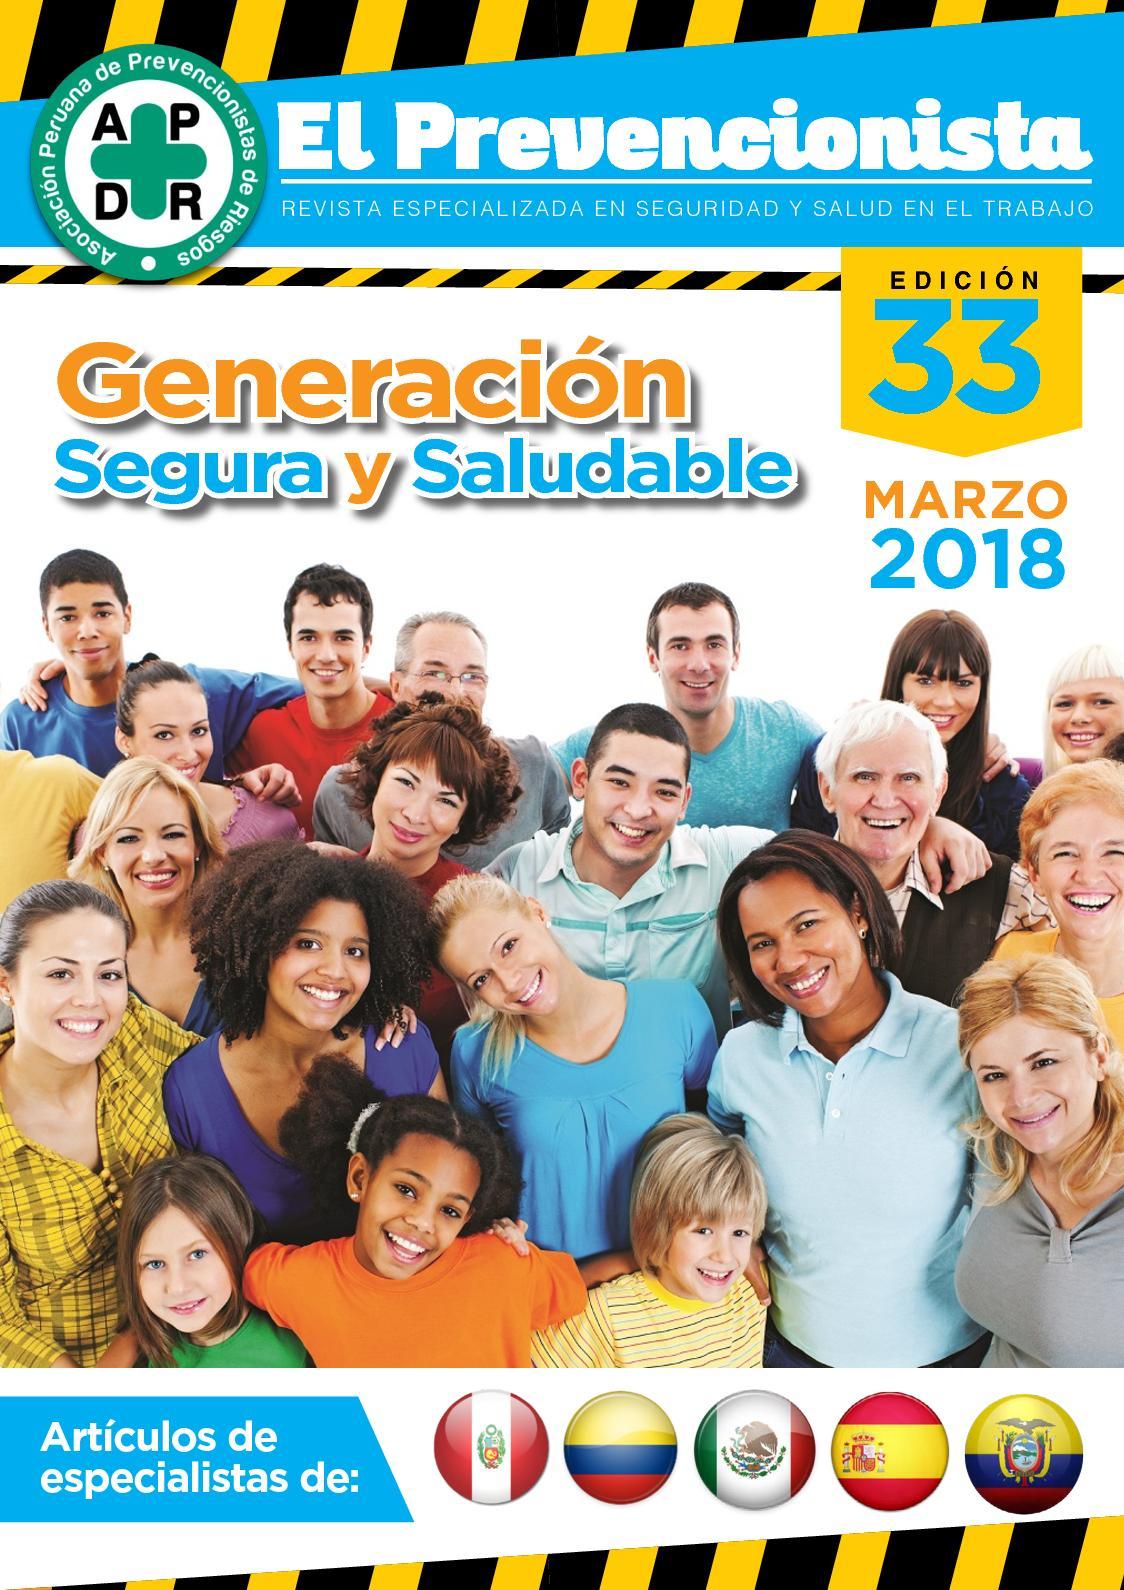 Revista El Prevencionista 33ava edición